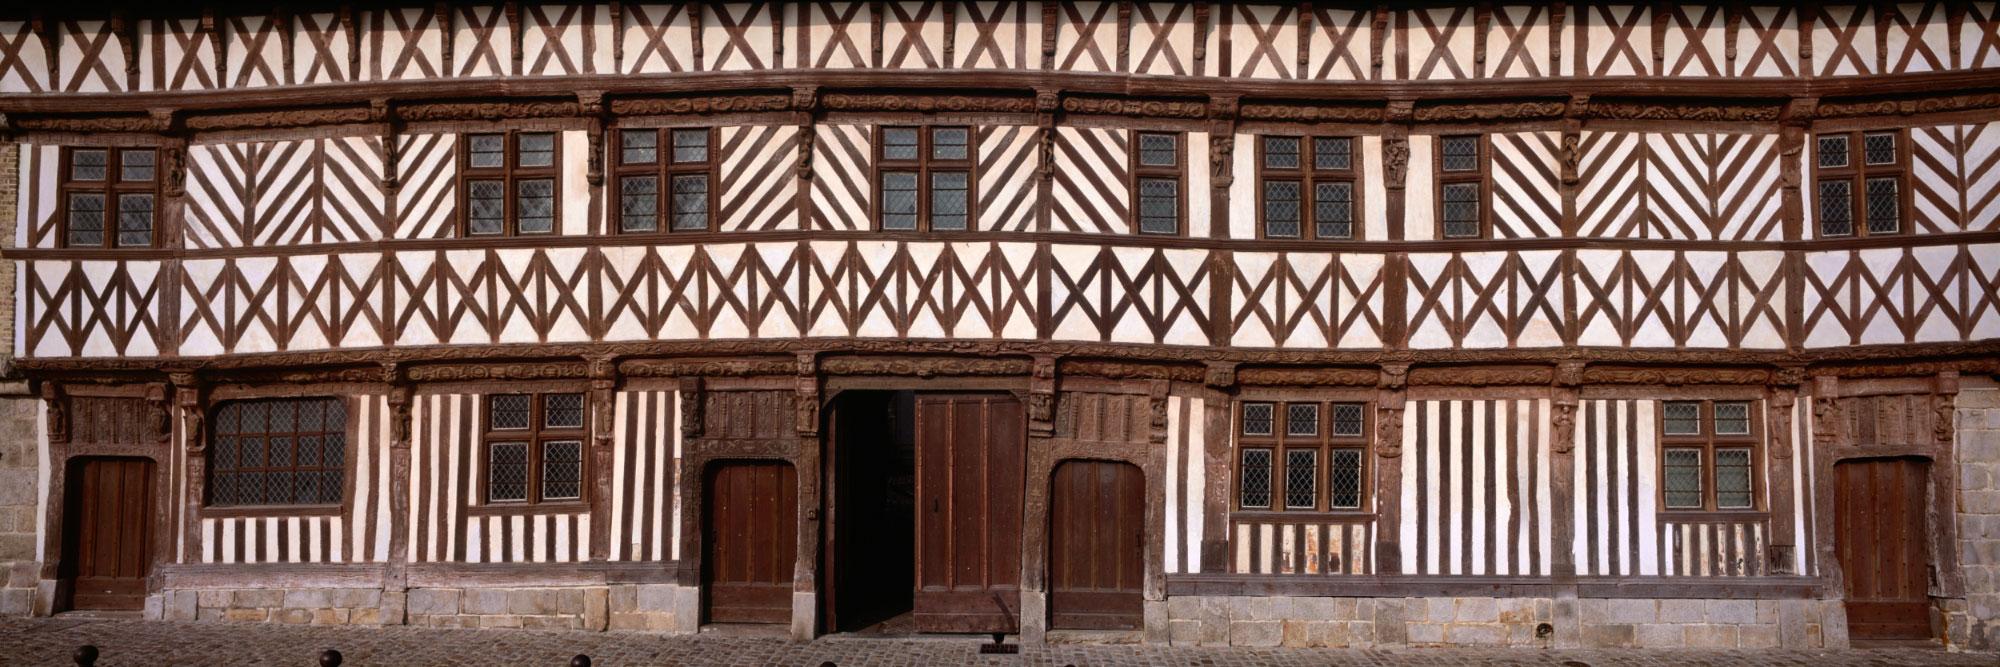 Maison Normande, St-Valery-en-Caux, Côte d'Albâtre